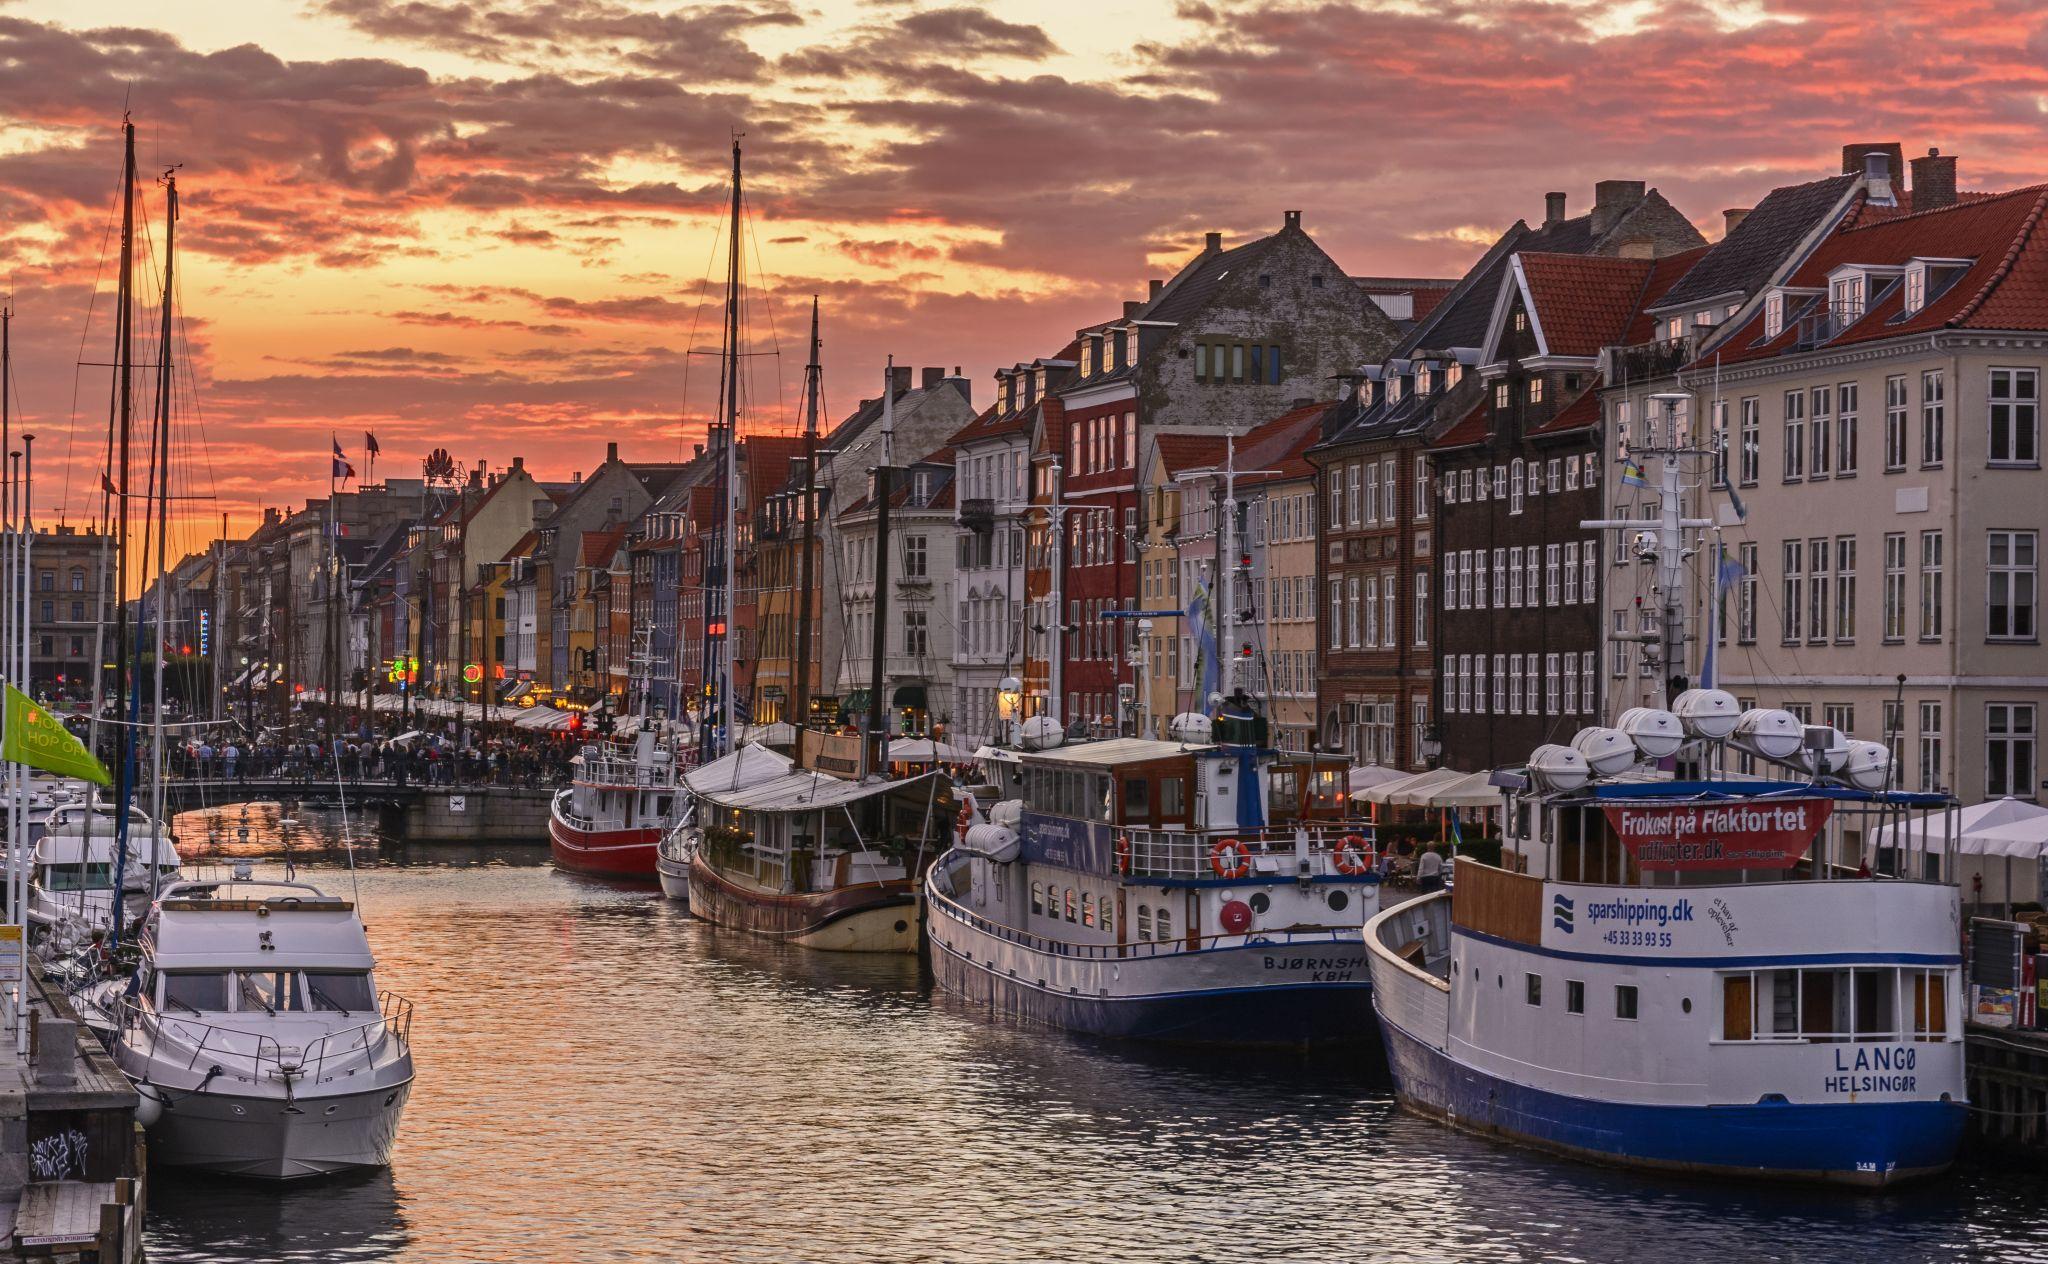 Nyhaven Sunset, Denmark